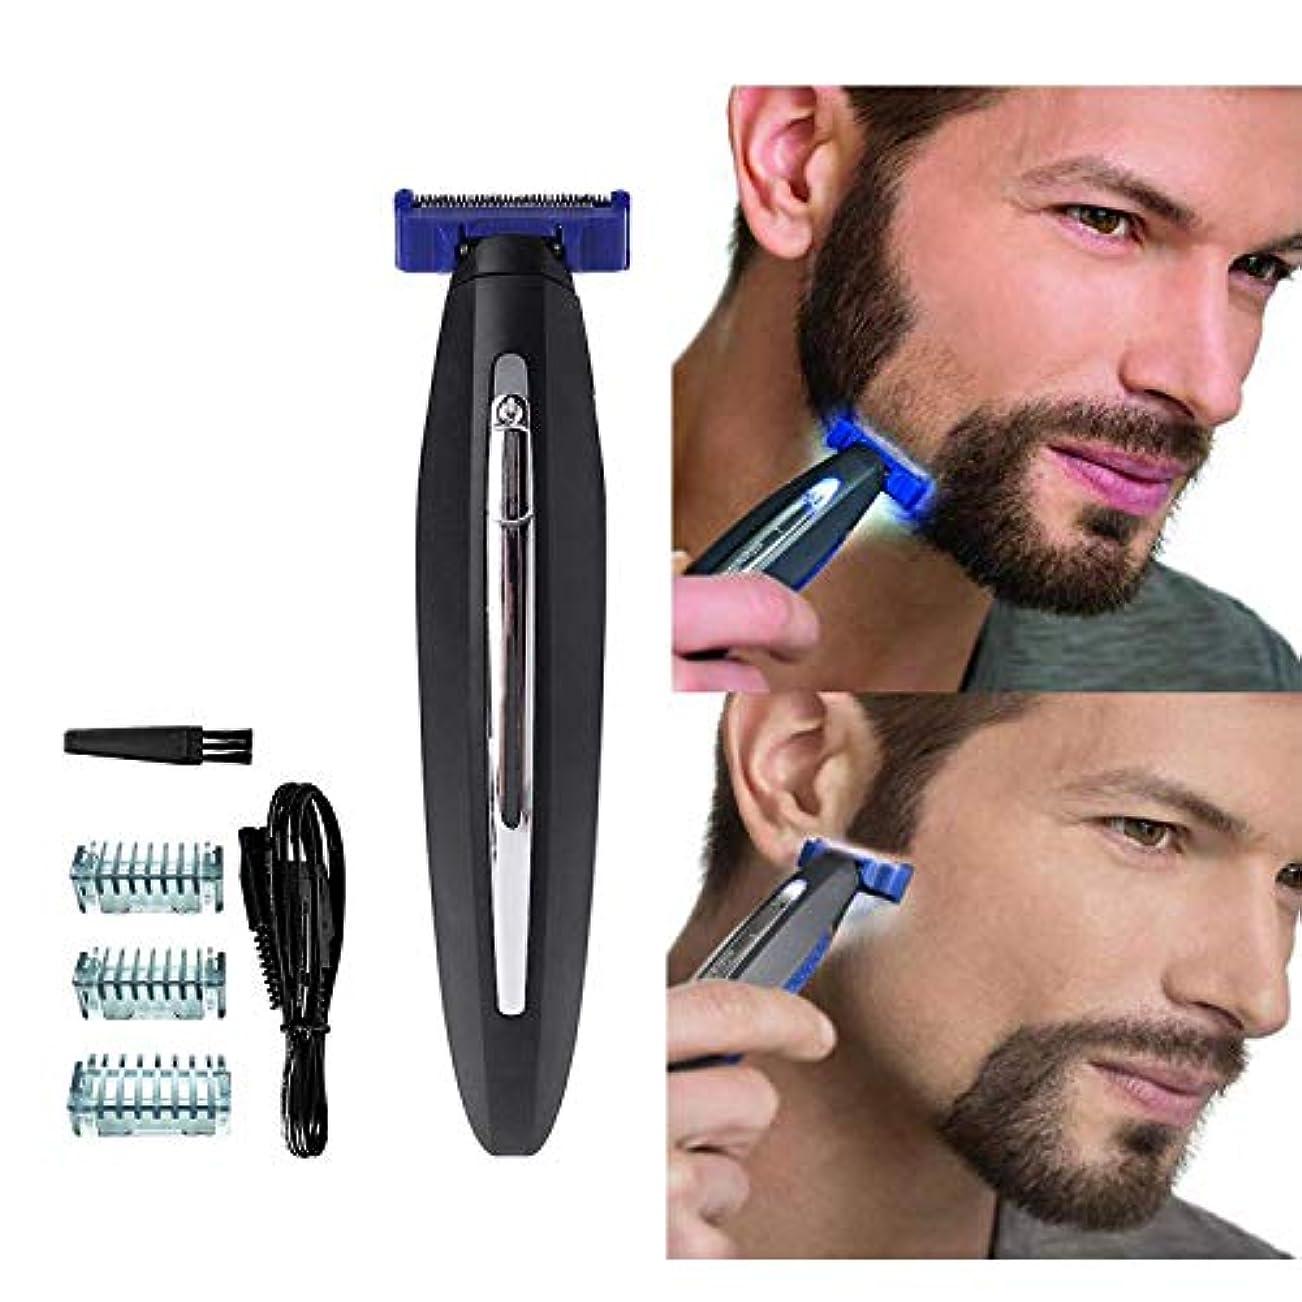 シャッターサーキュレーション封建男性のための電気かみそり、髪のクリーニングシェーバートリマーと防水スマートかみそり、男性のための眉毛のひげのフェイシャルとボディヘアーのための毛の除去剤, black